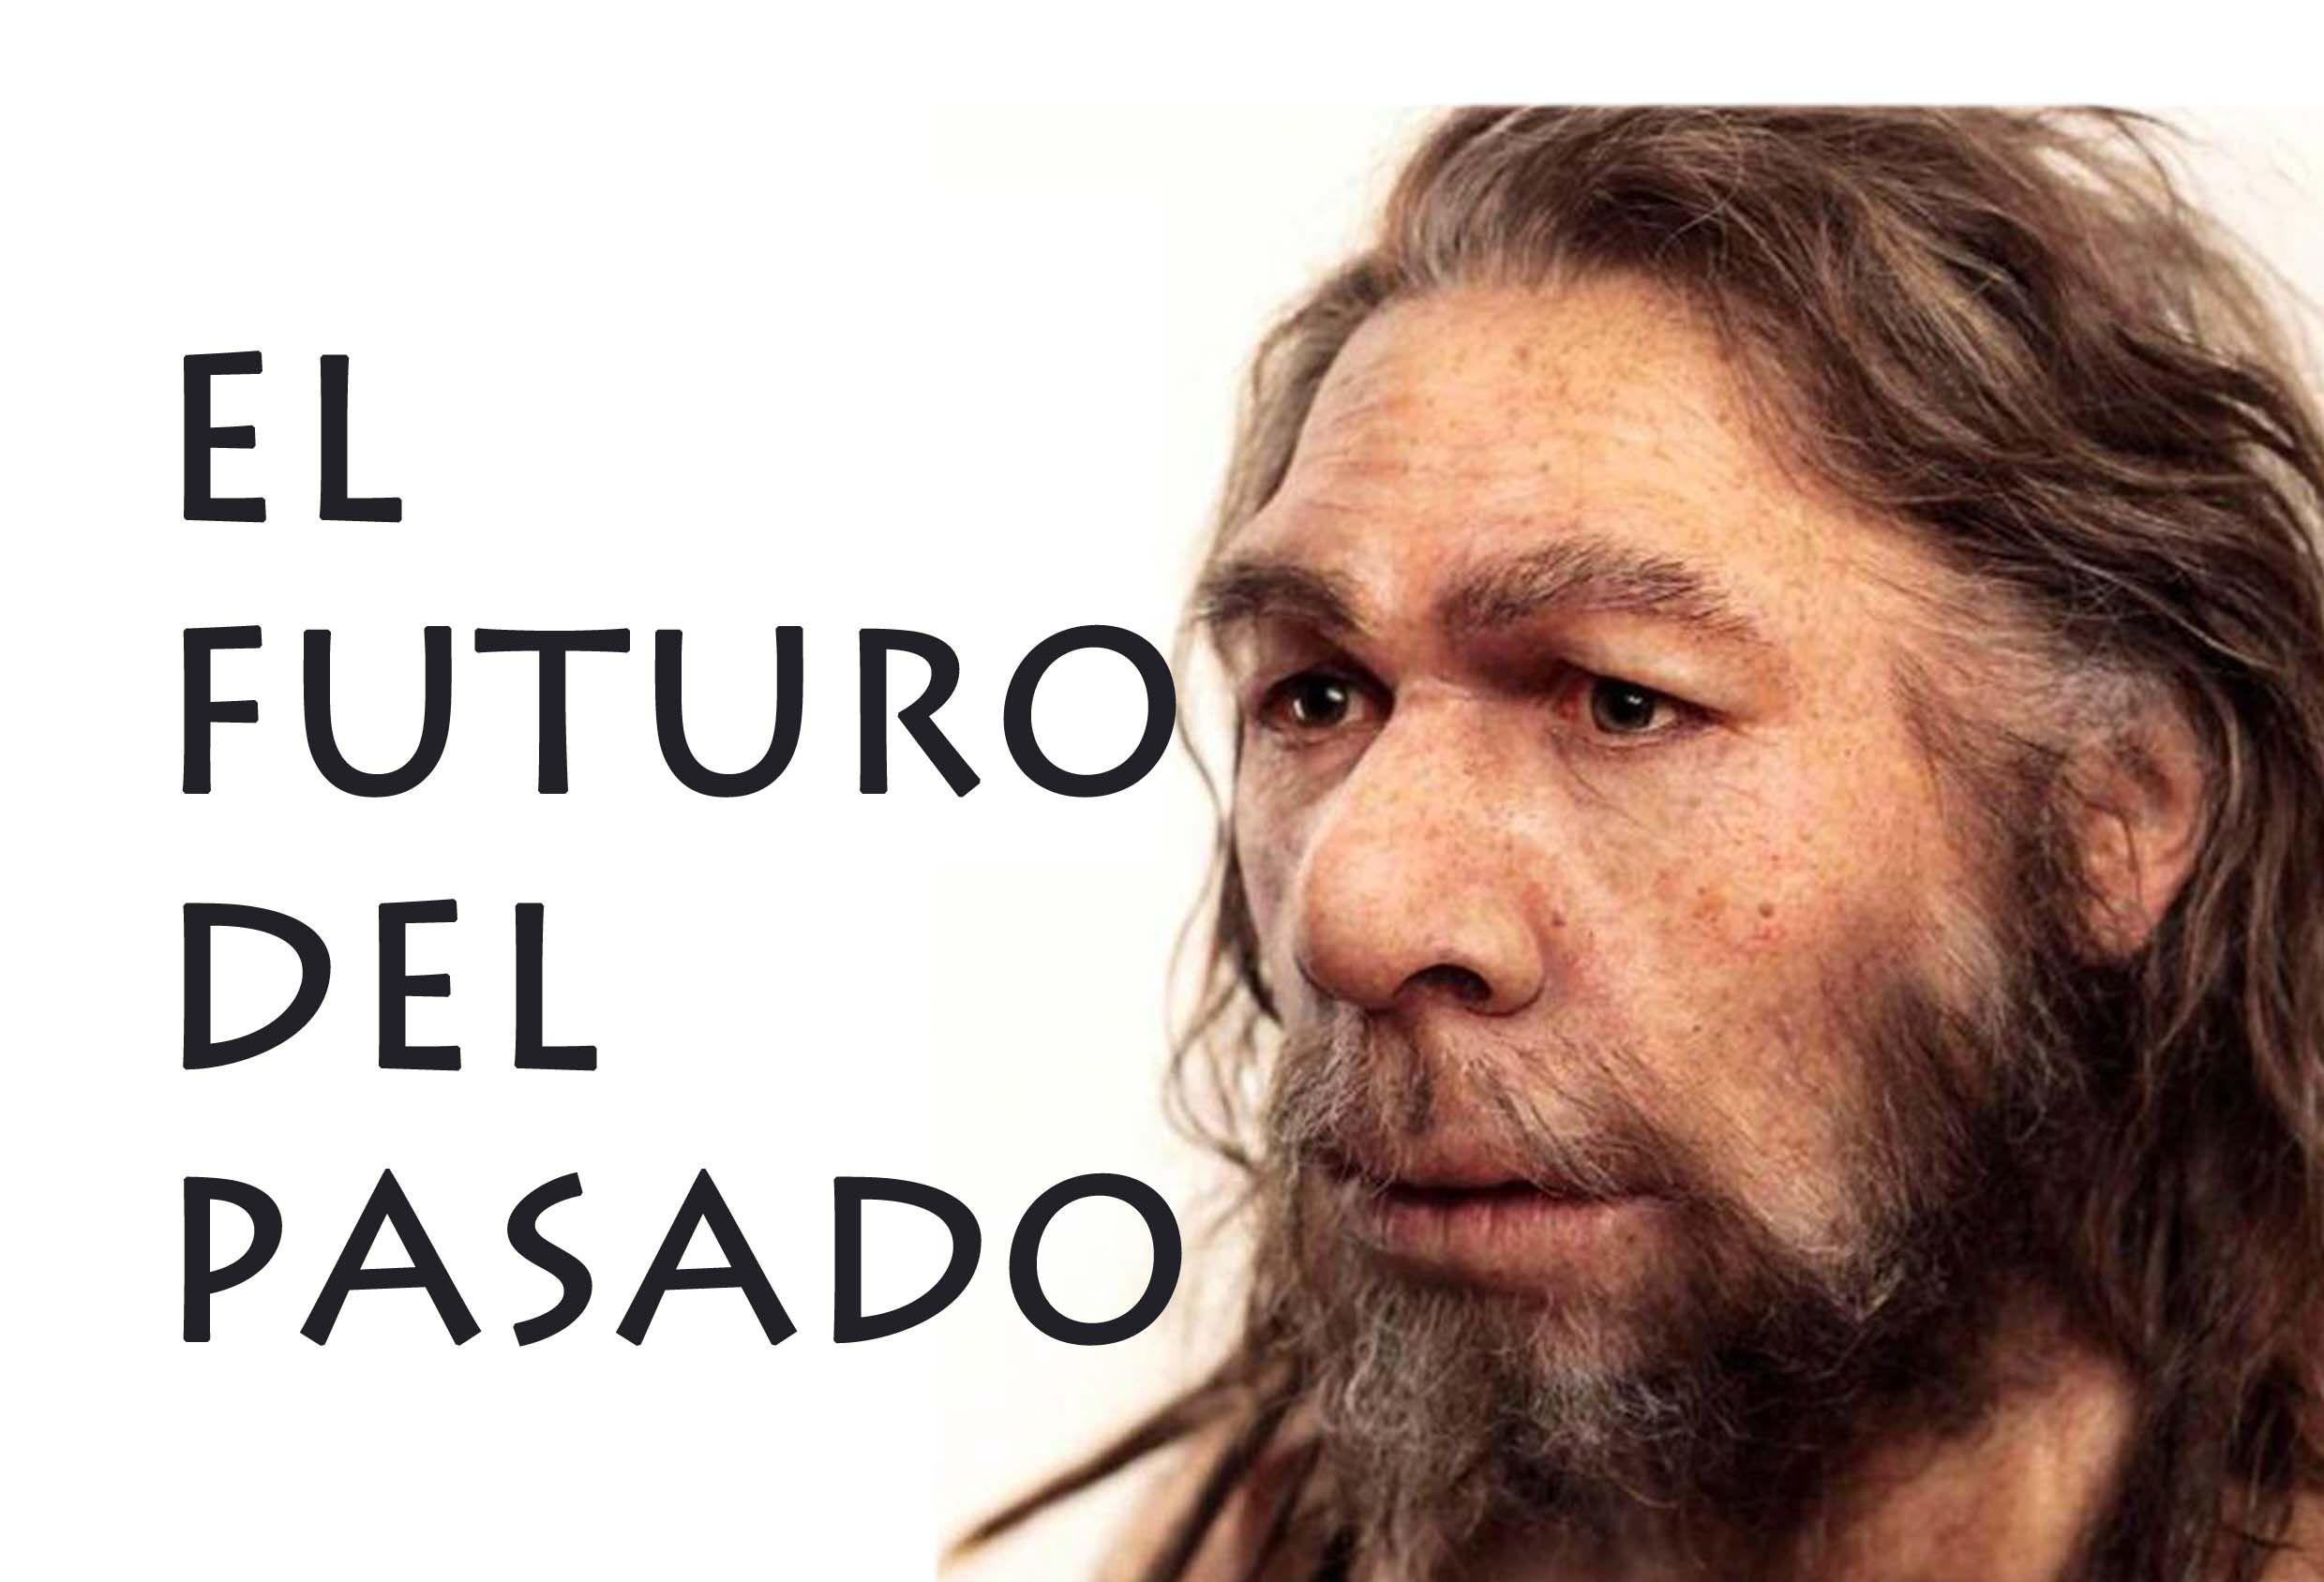 El futuro del pasado